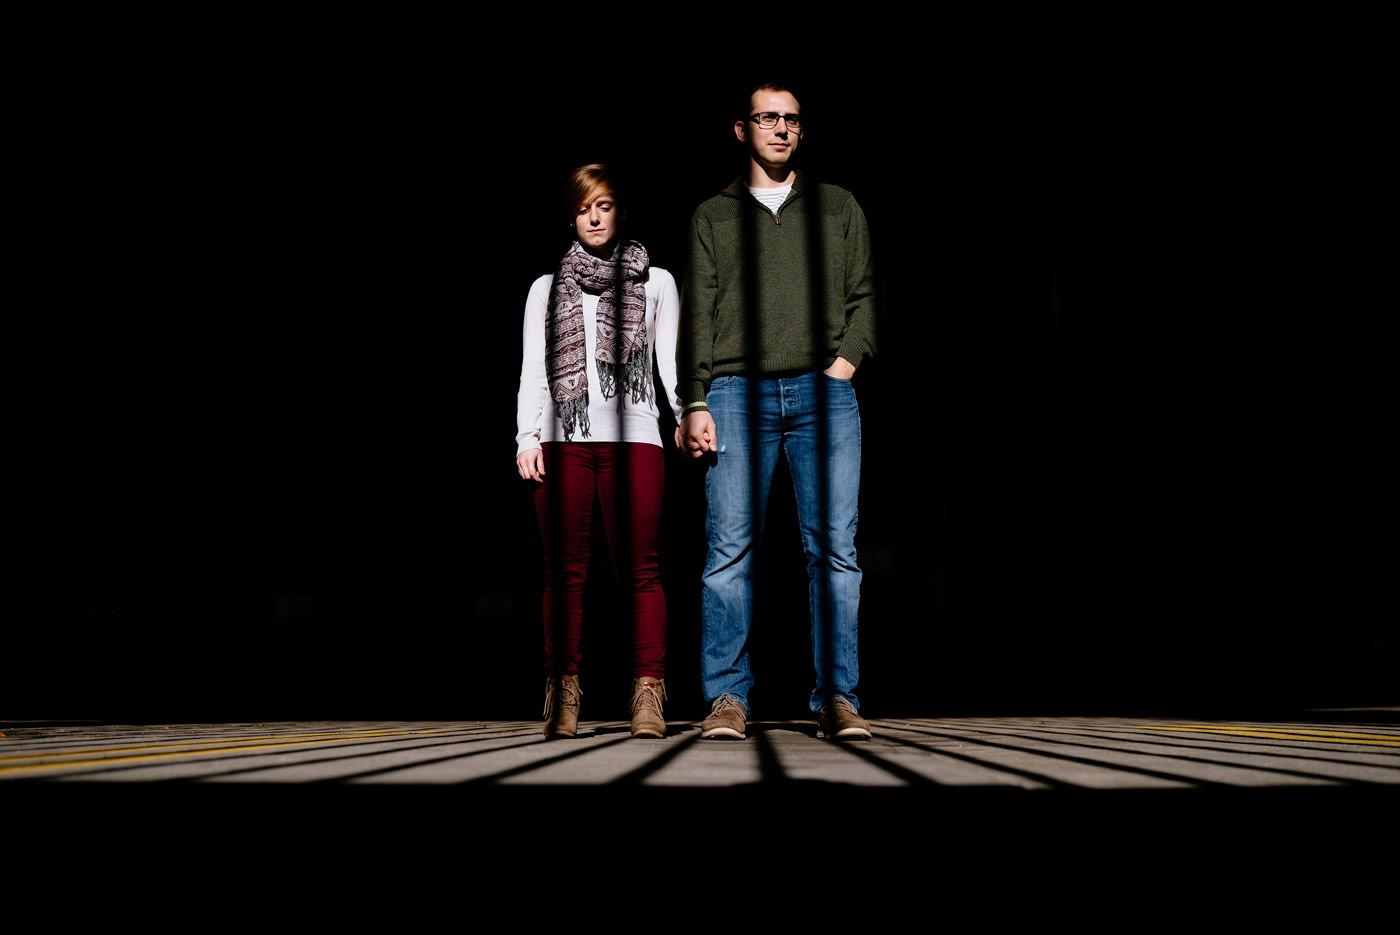 charleston wv couples portraits